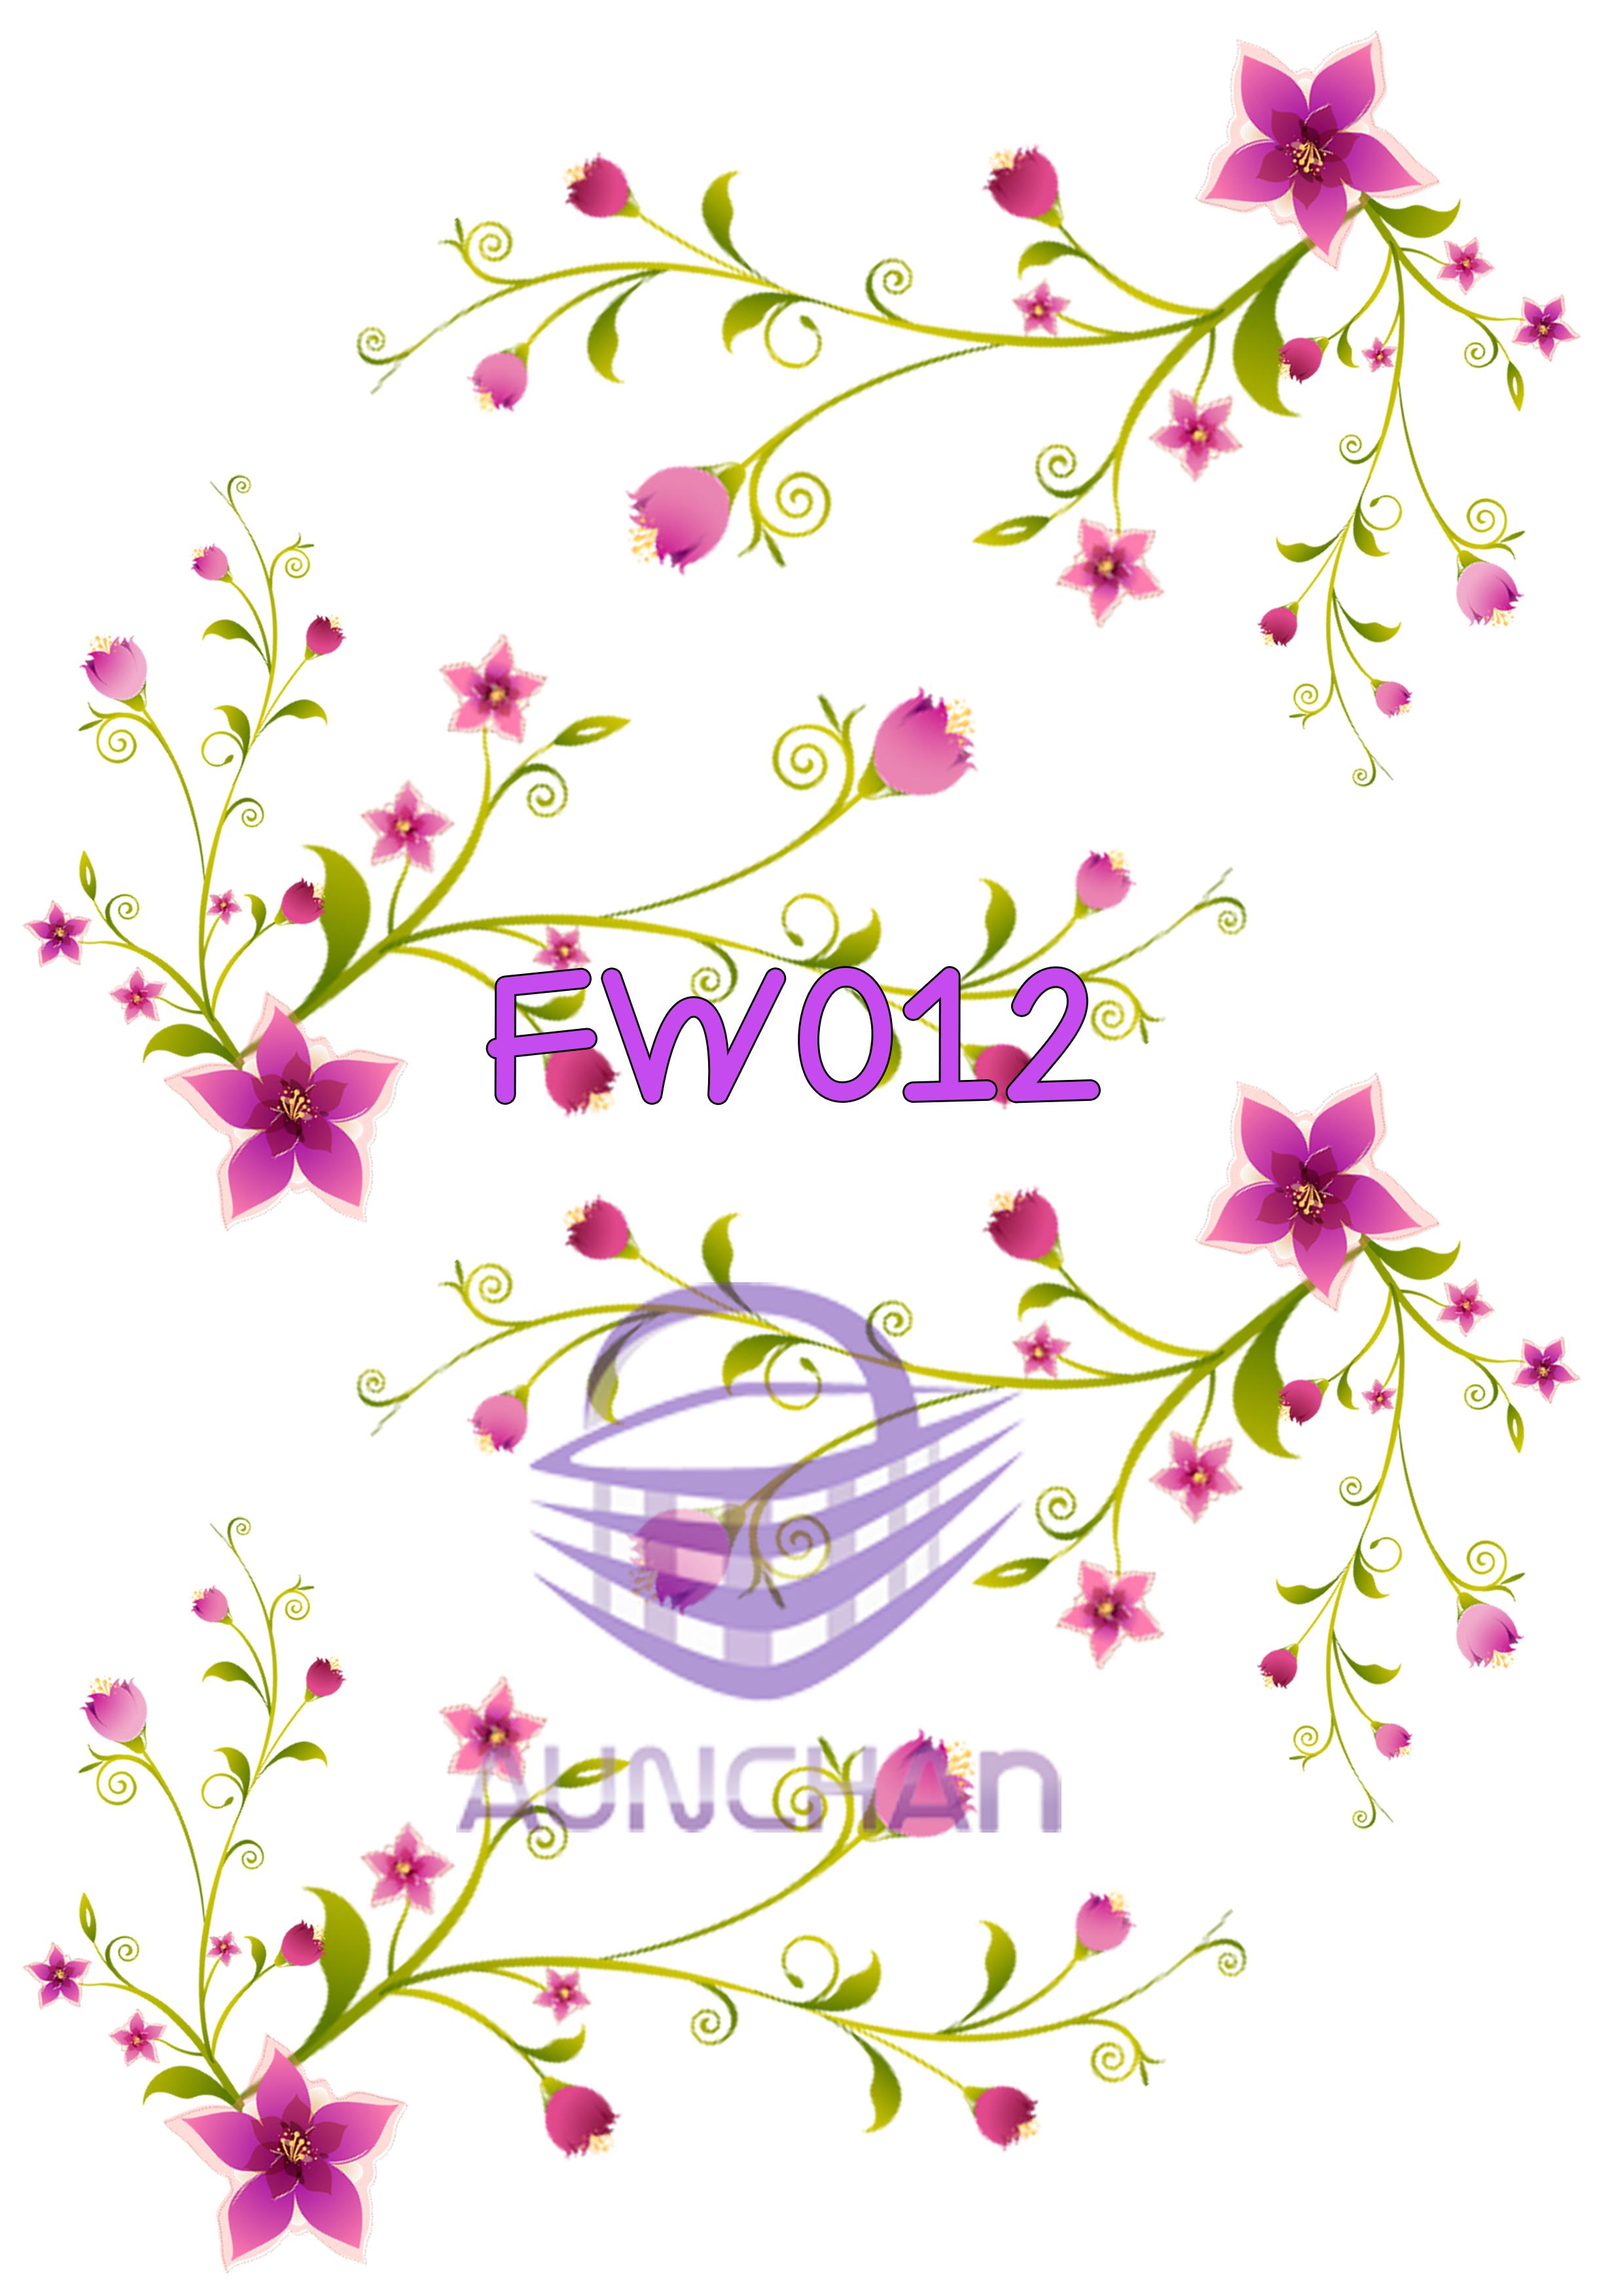 FW012 กระดาษแนพกิ้น 21x30ซม. ลายดอกไม้